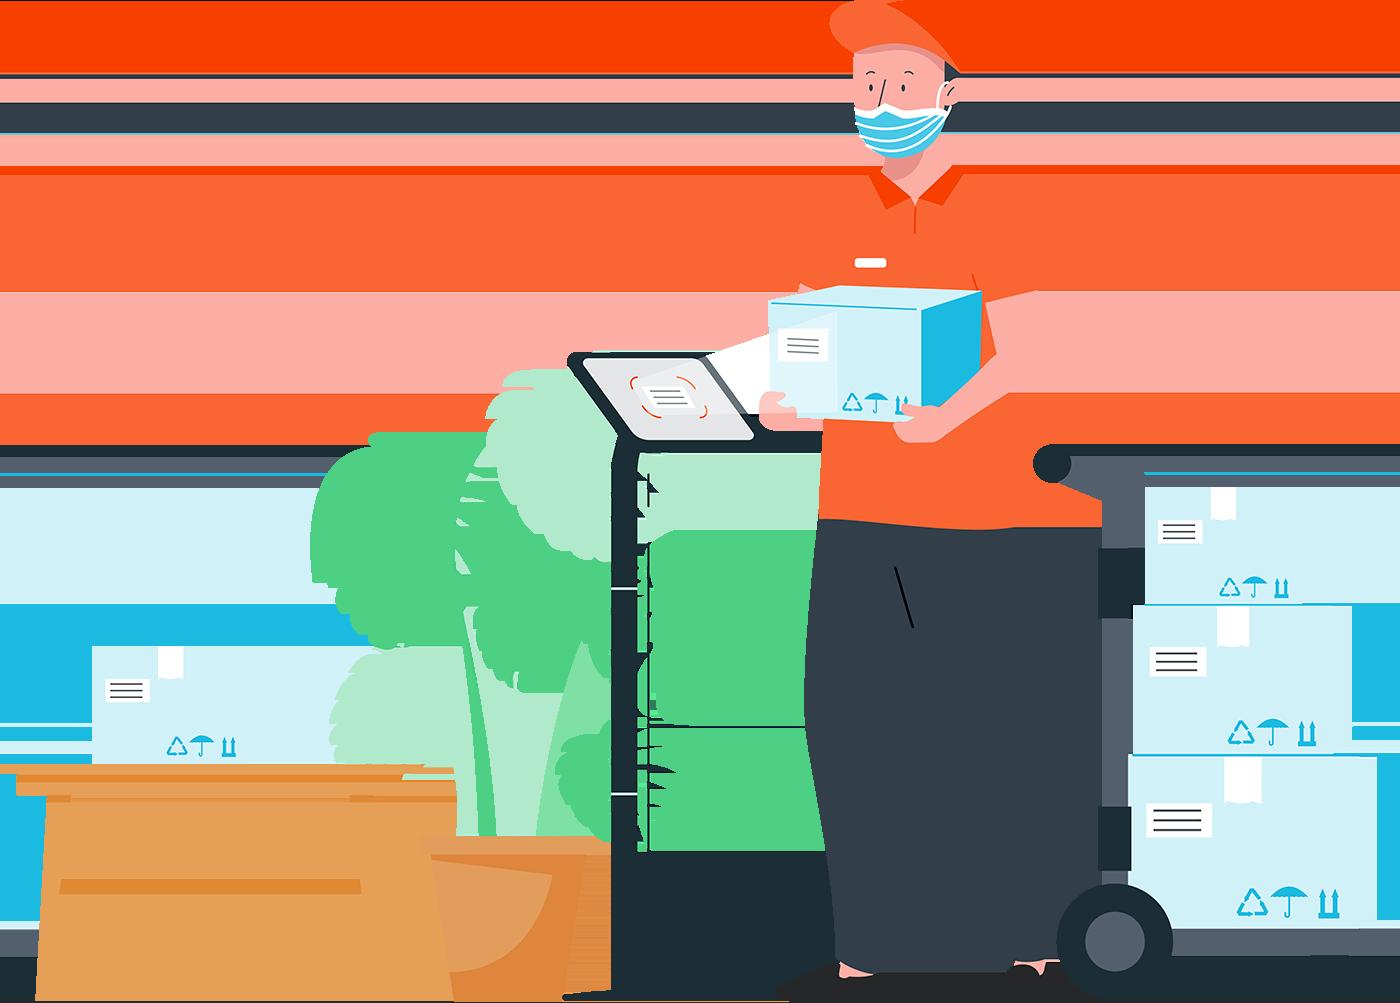 deliveries-illustration